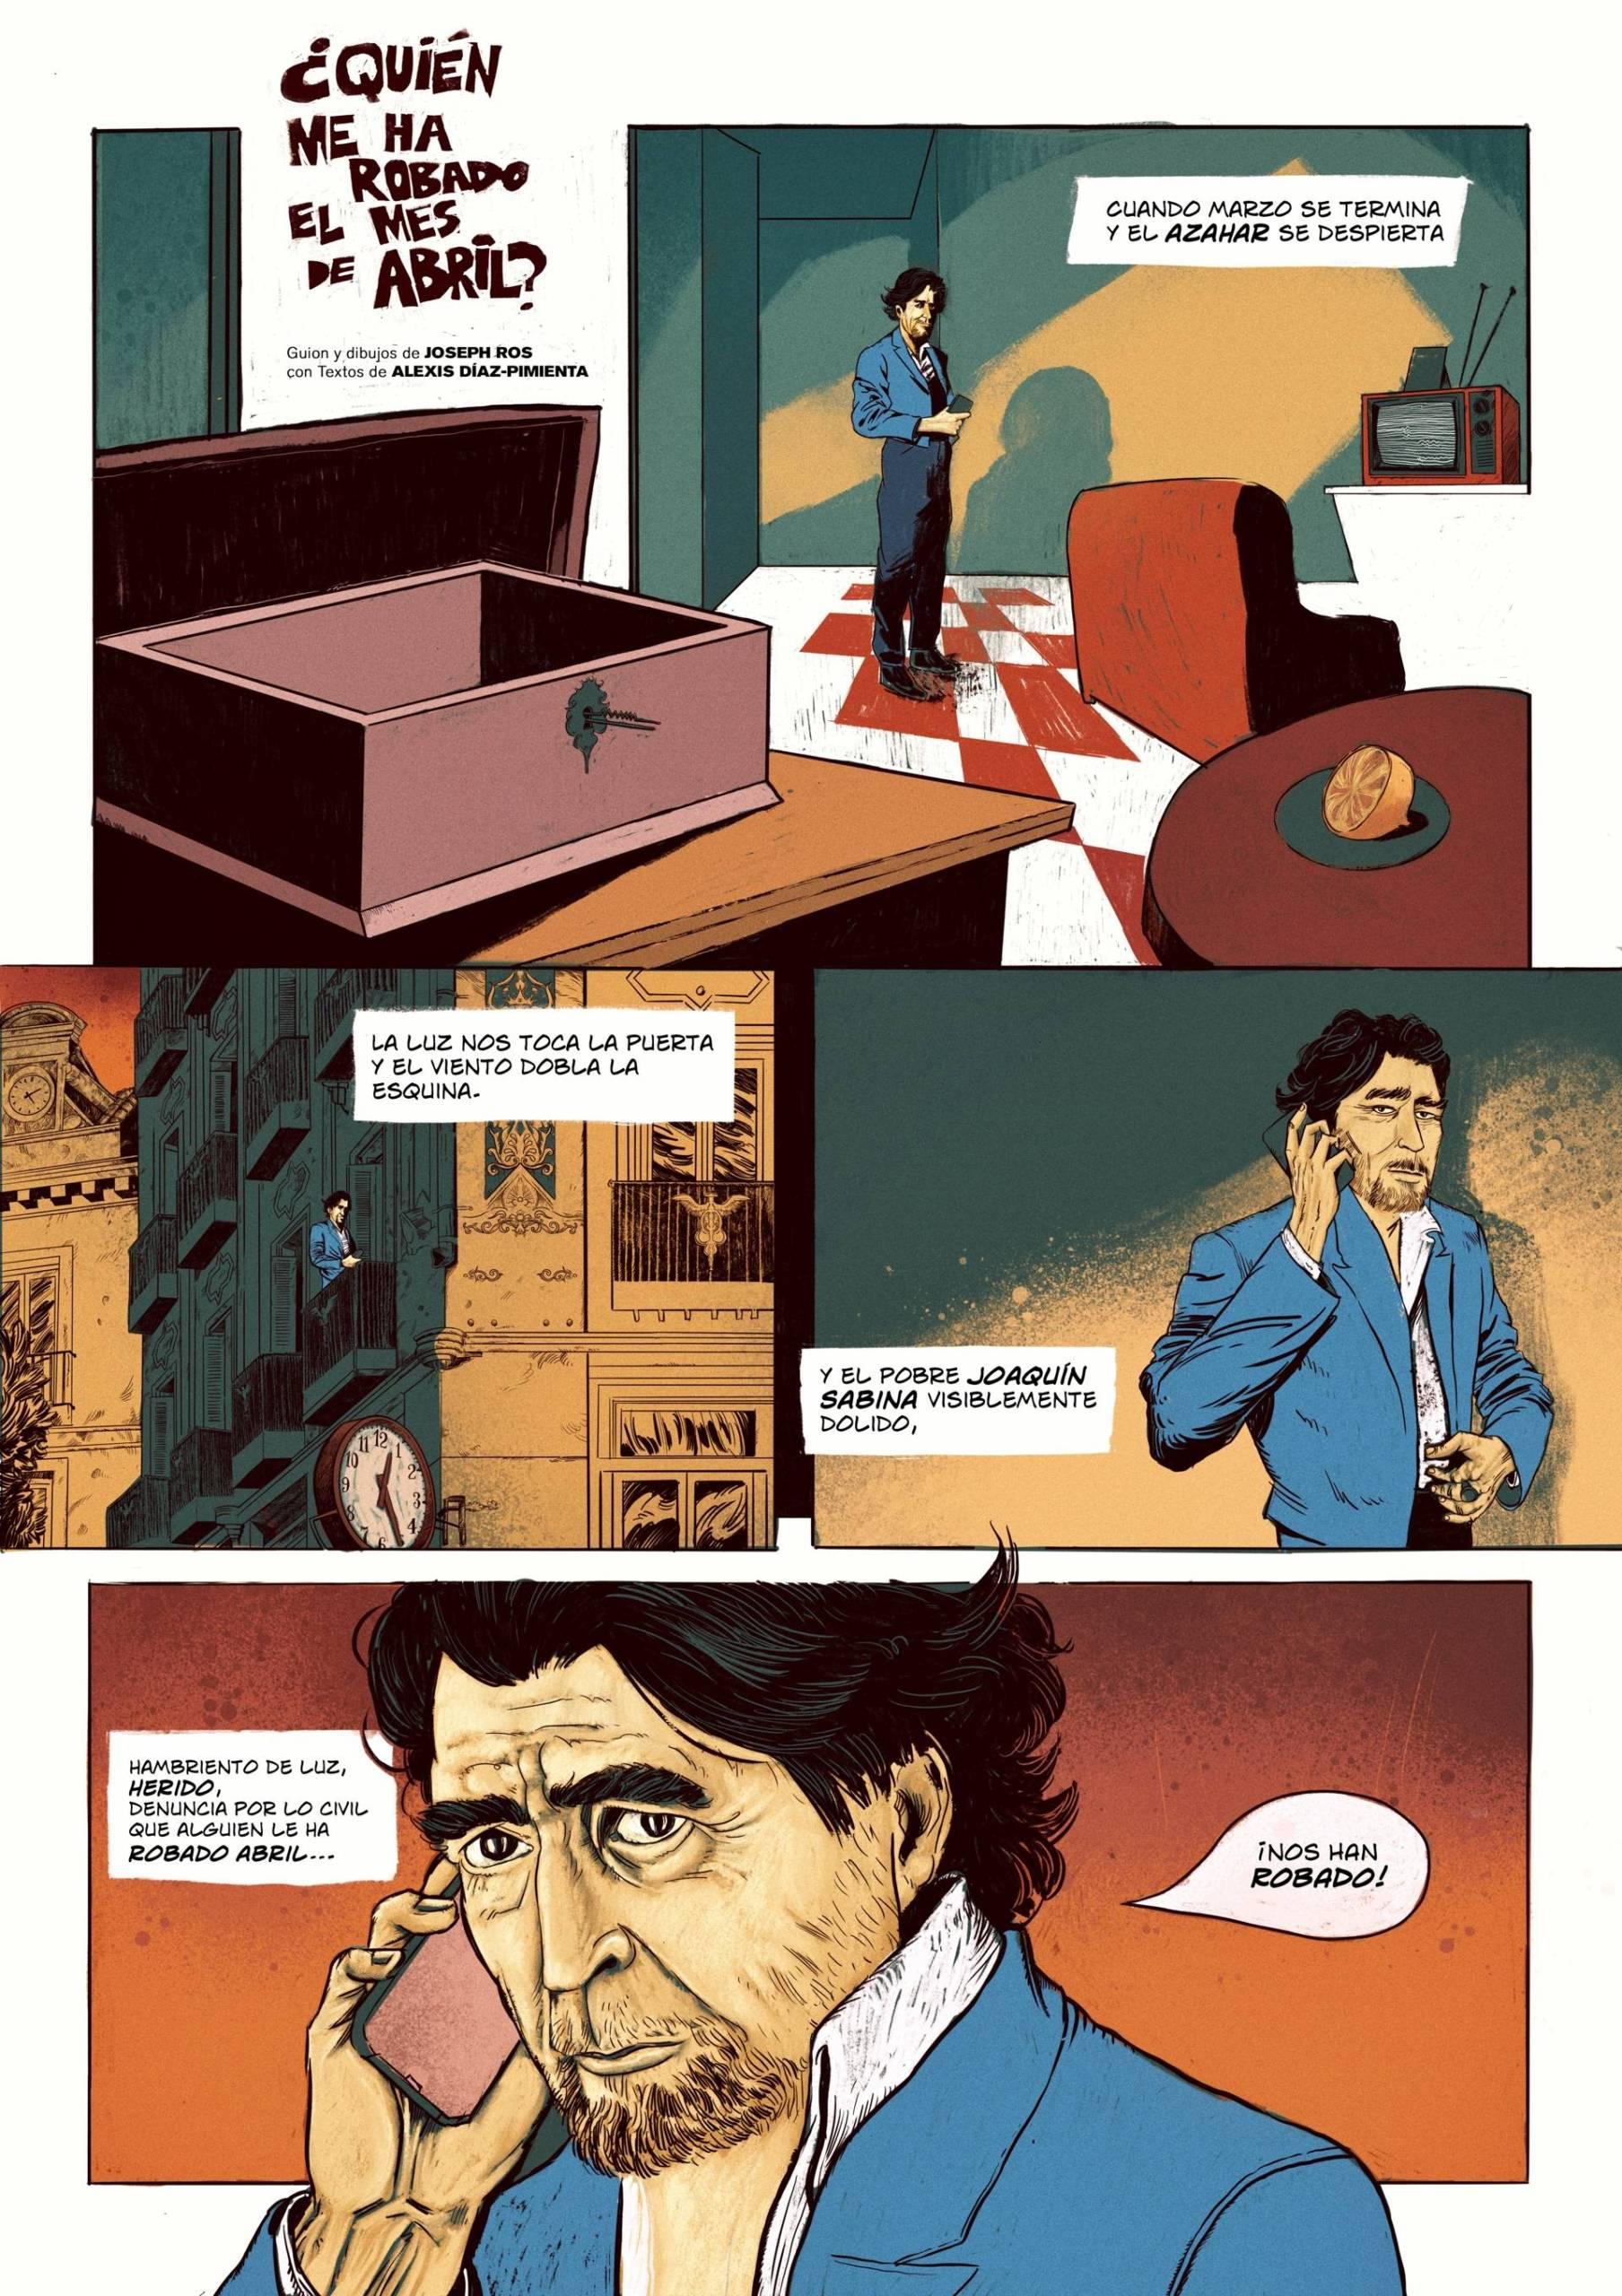 Quién me ha robado el mes de abril. Ilustración: Joseph Ros.